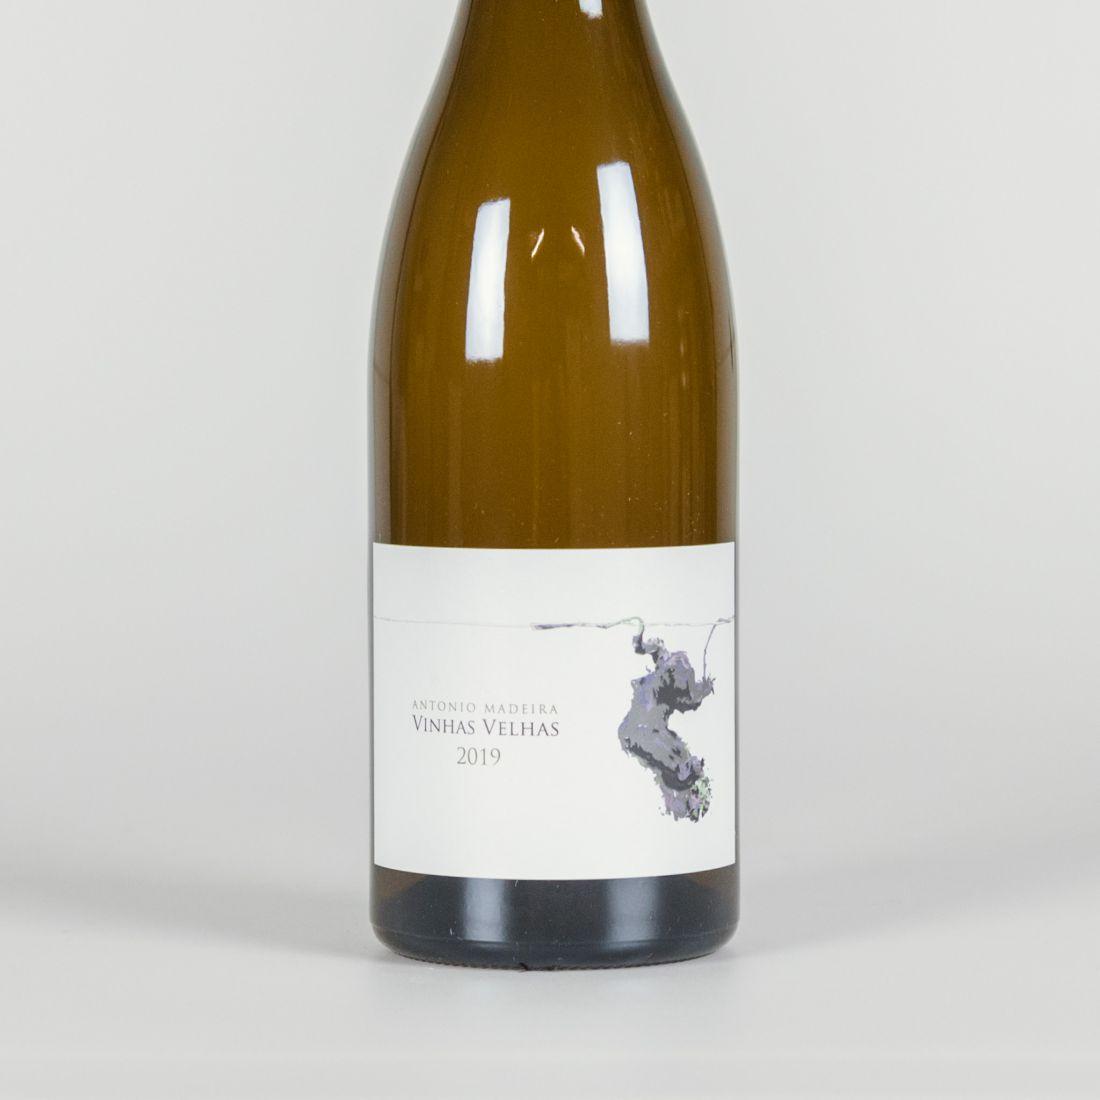 do branco vinhas velhas siria fernao pires bical fie